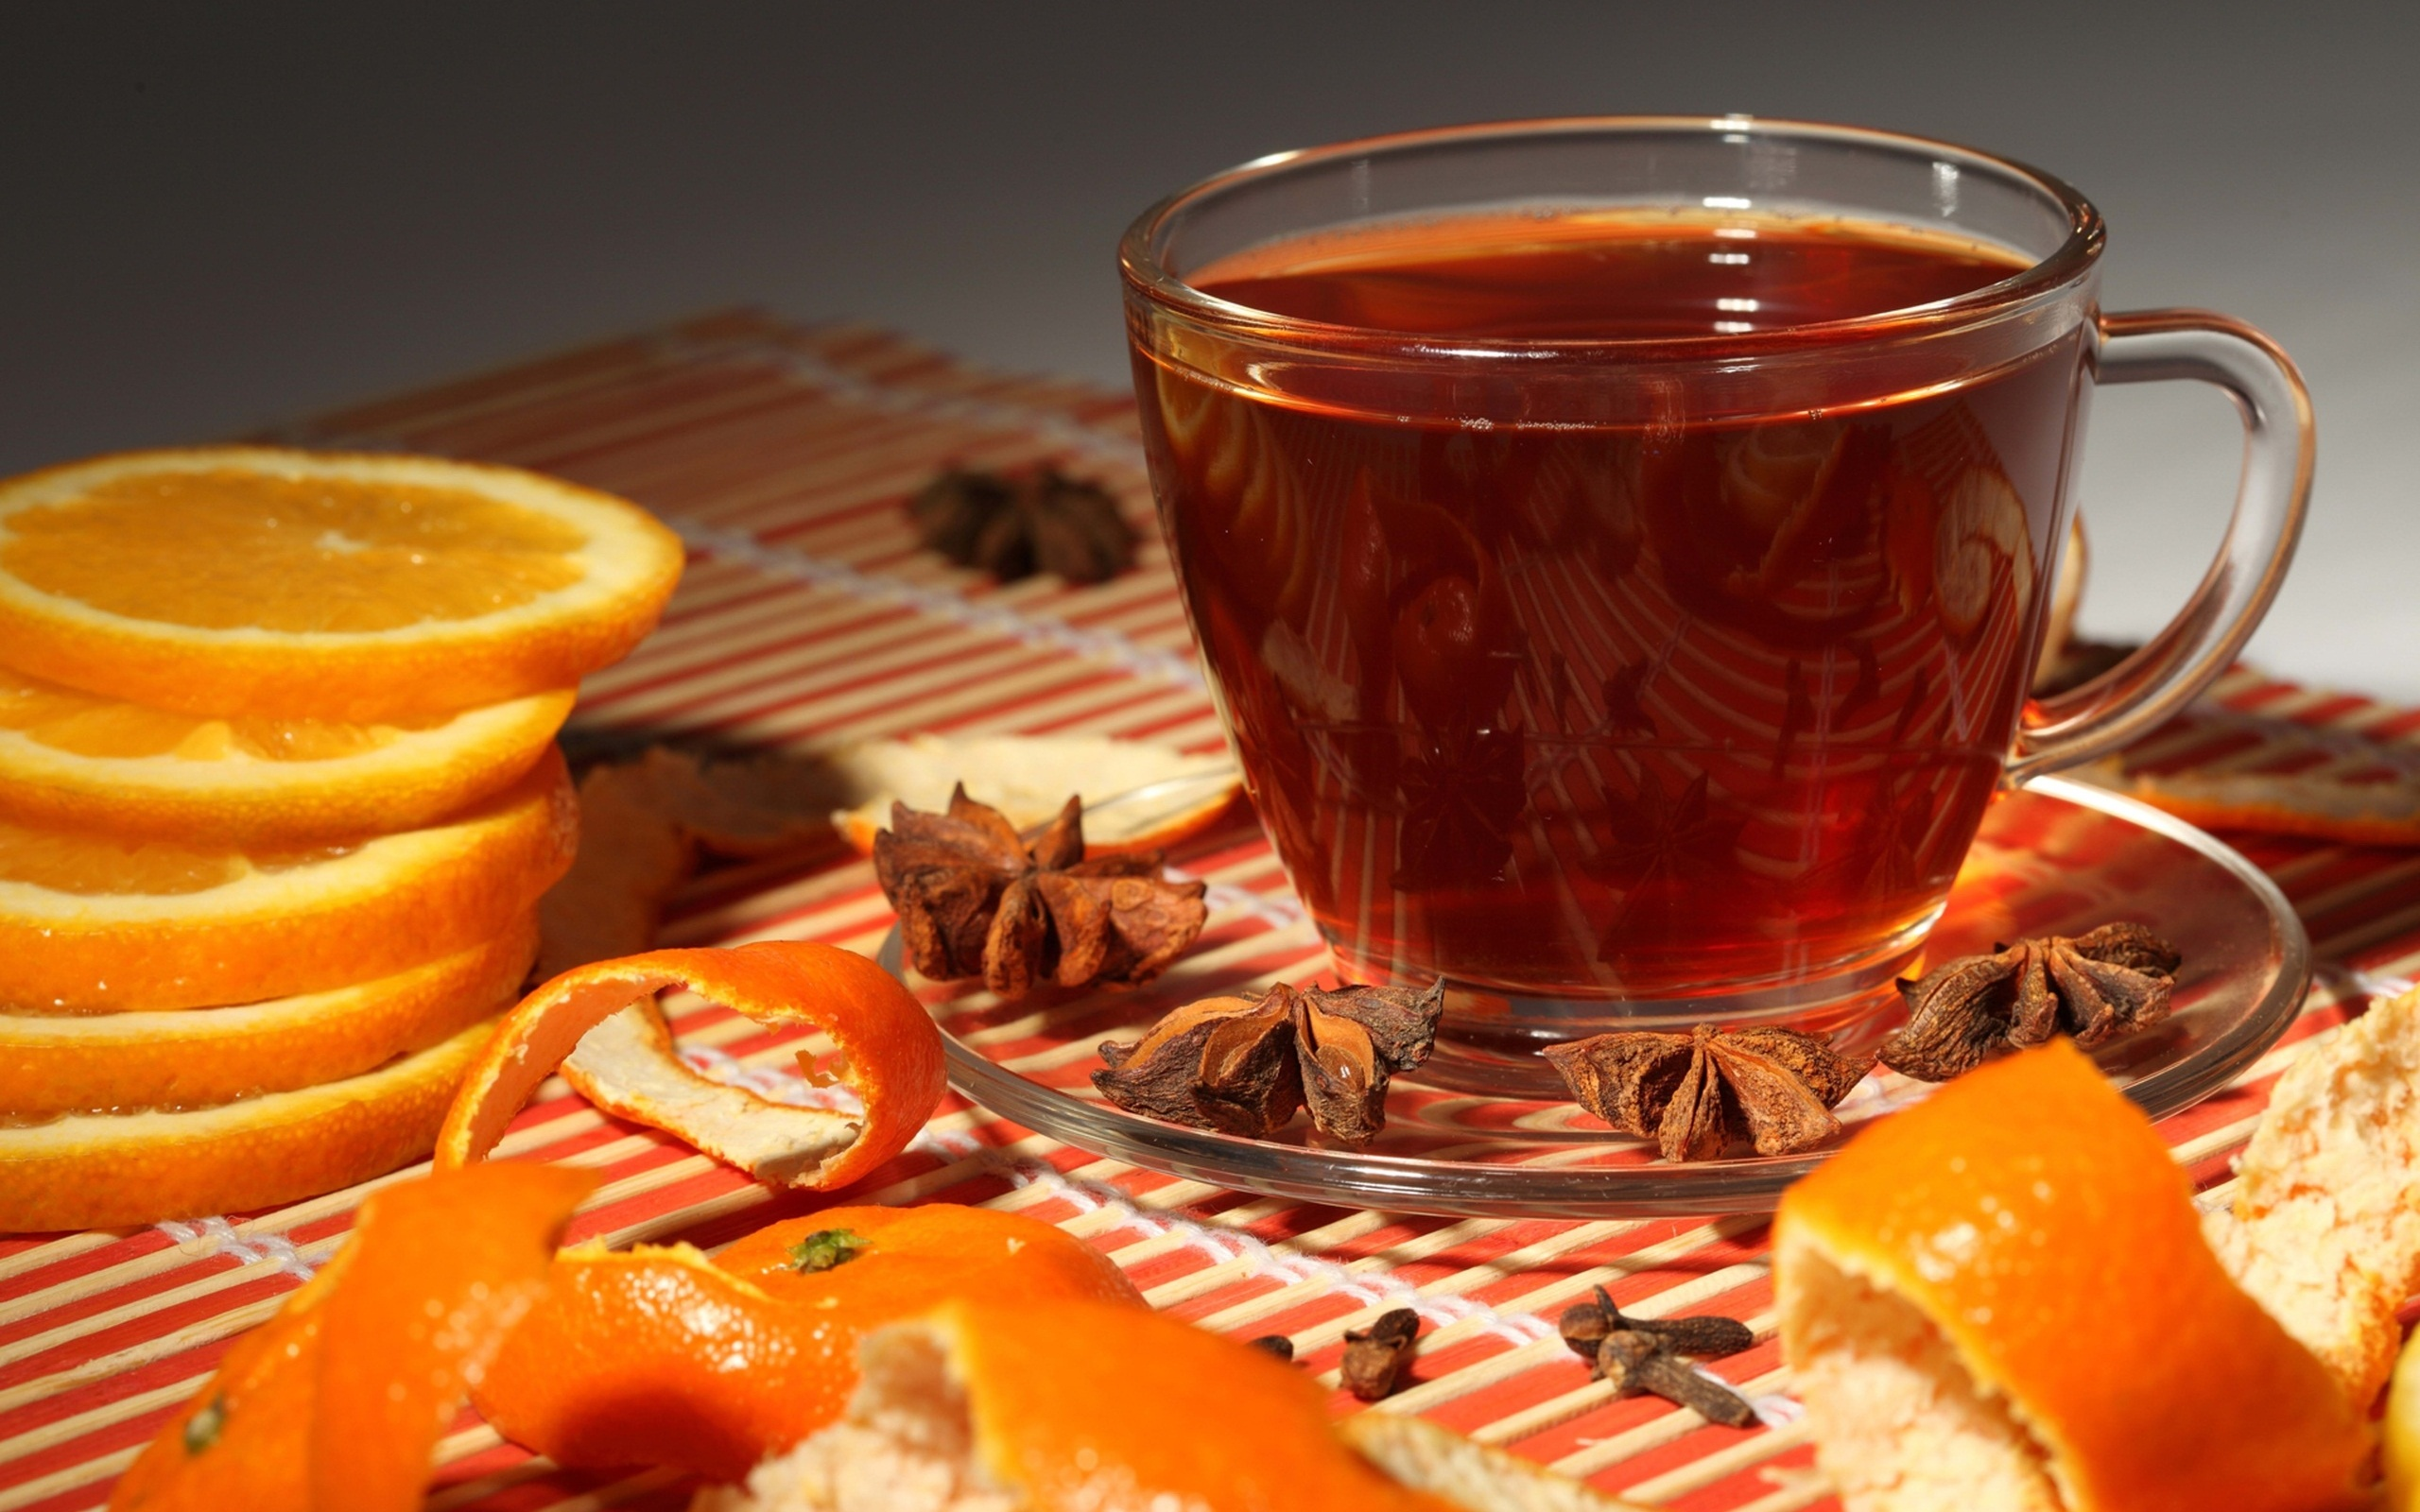 Топ 3 рецепта чая с имбирем, лимоном, мёдом и малиной для профилактики простуды